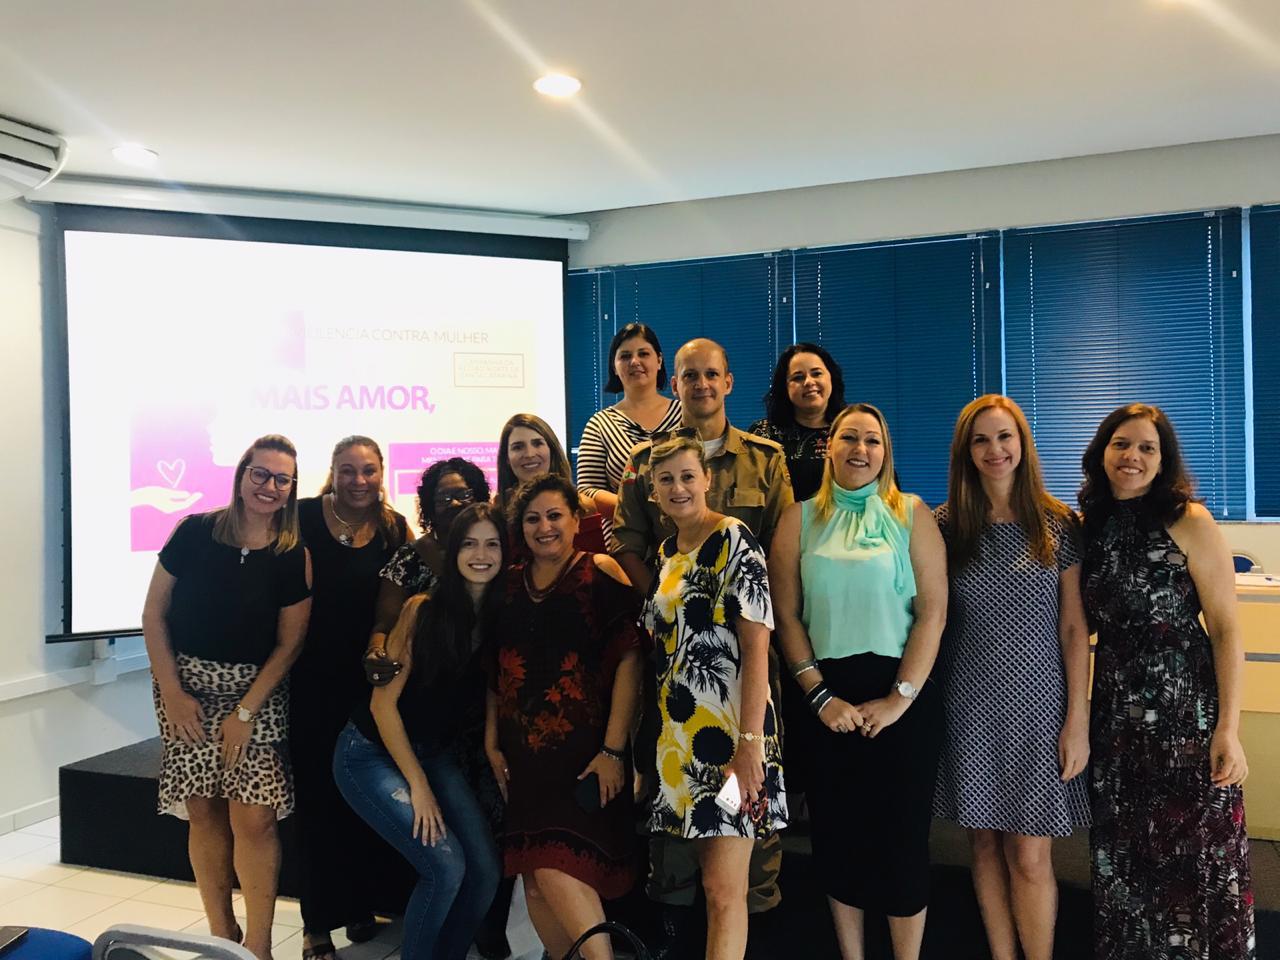 Núcleo de Mulheres Empreendedoras da ACIJ participou do evento   Foto Divulgação